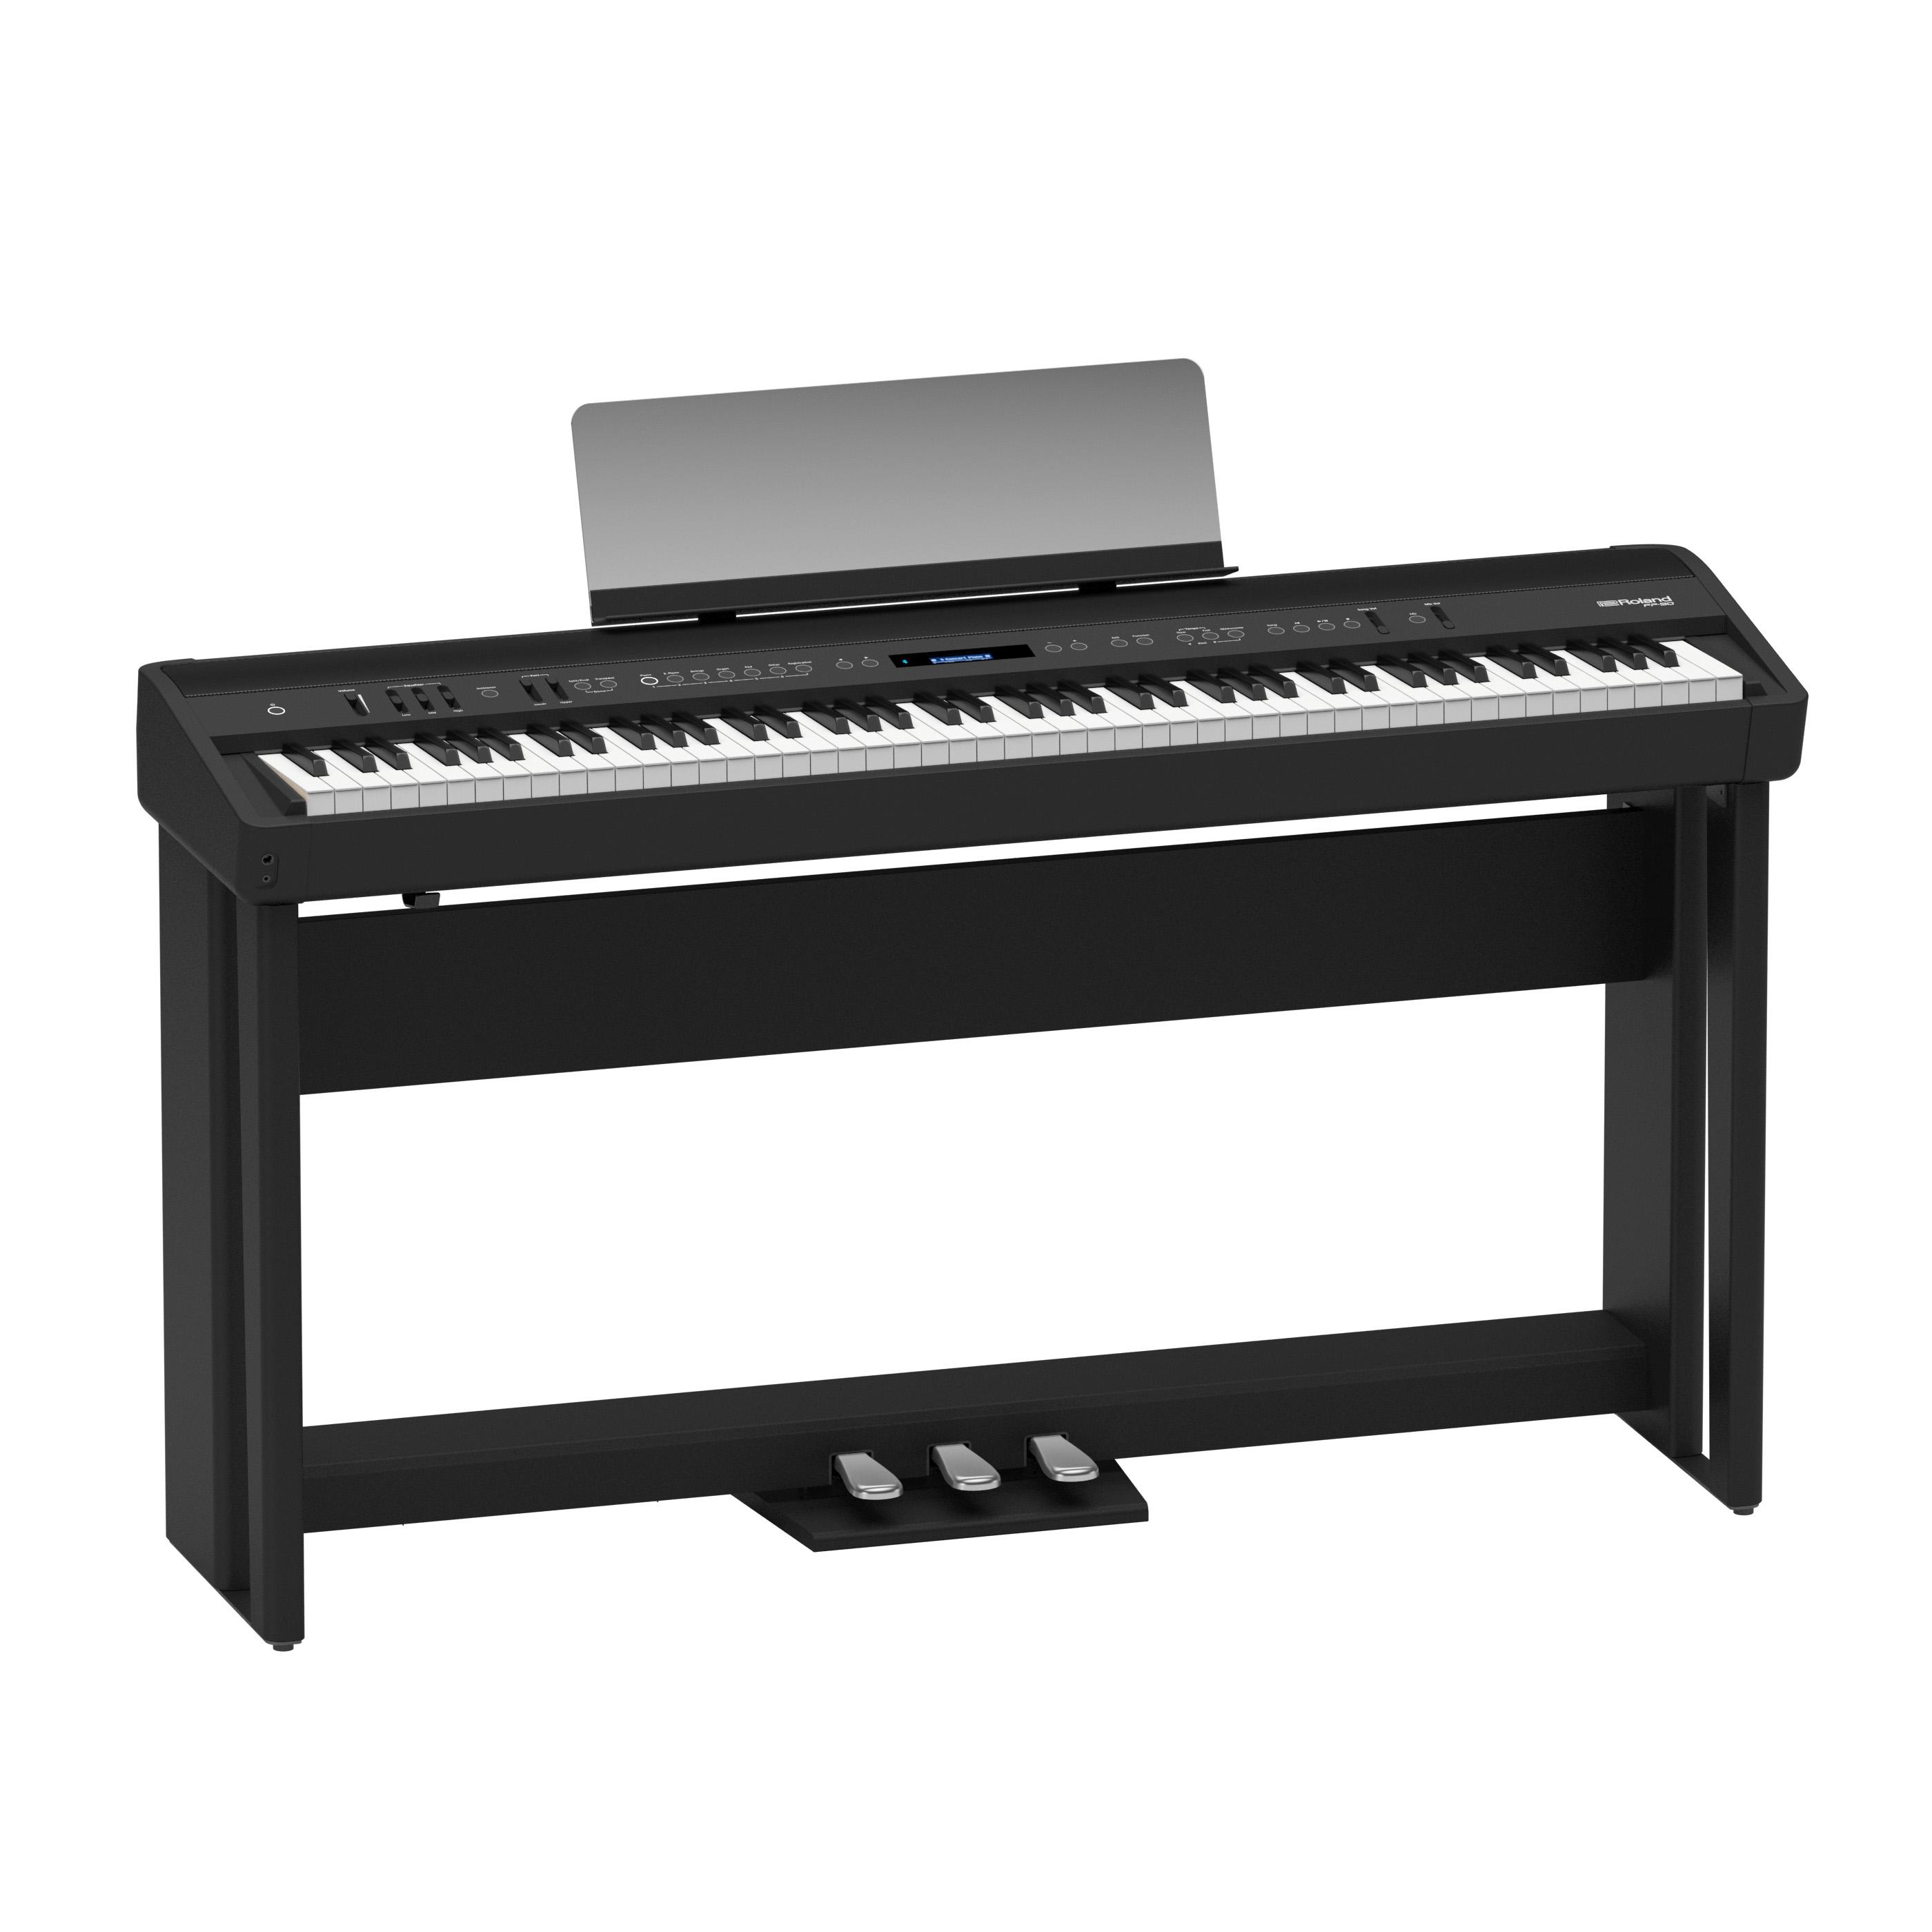 Claviers & Pianos - PIANOS NUMERIQUES - PORTABLE - ROLAND - FP-90X-BK - Royez Musik